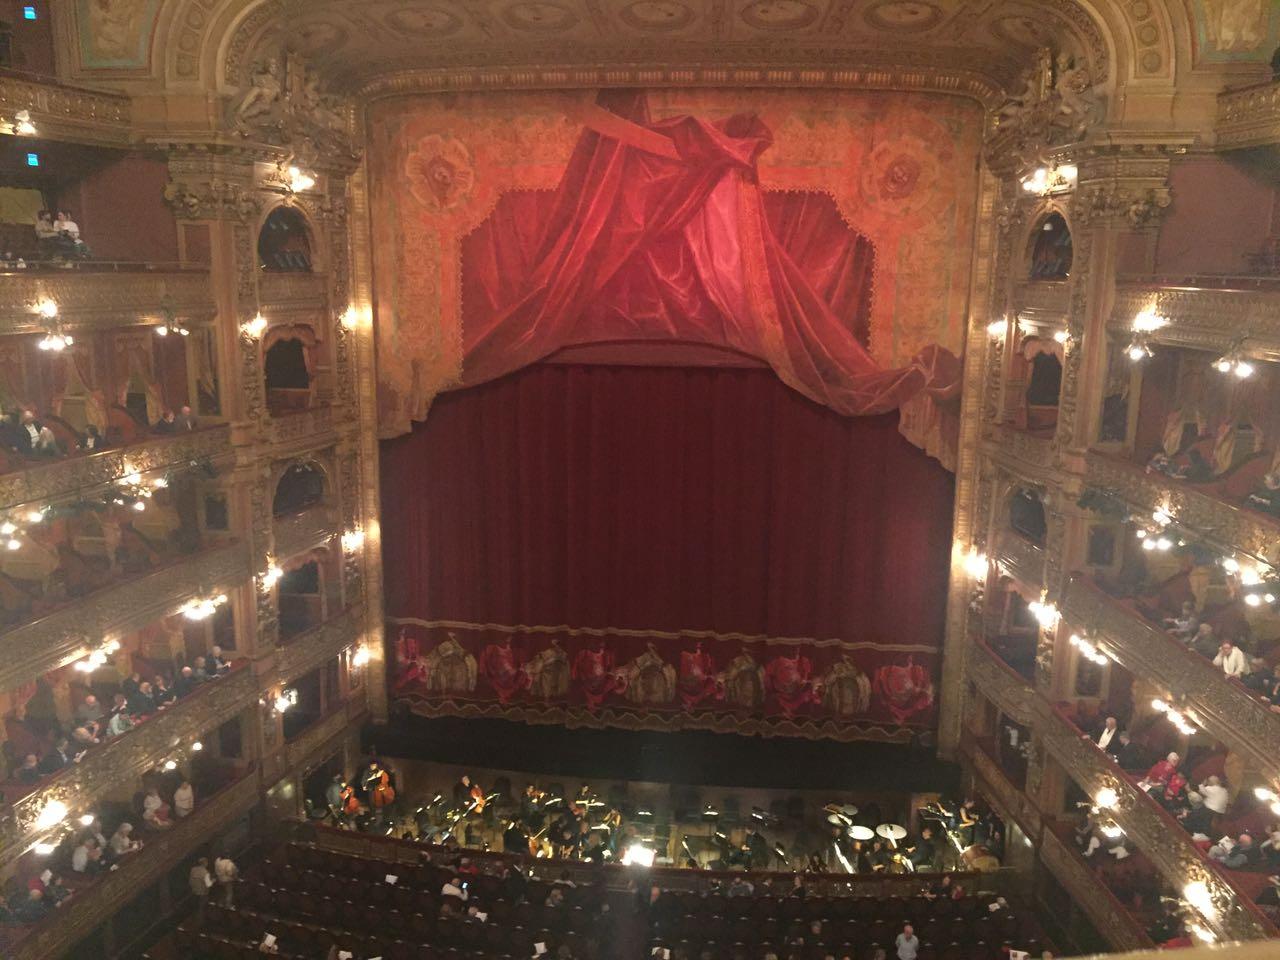 a316ff1e a211 4a81 8240 d91745c4b4f0 - Guia Práctica para ir a un evento en el Teatro Colón